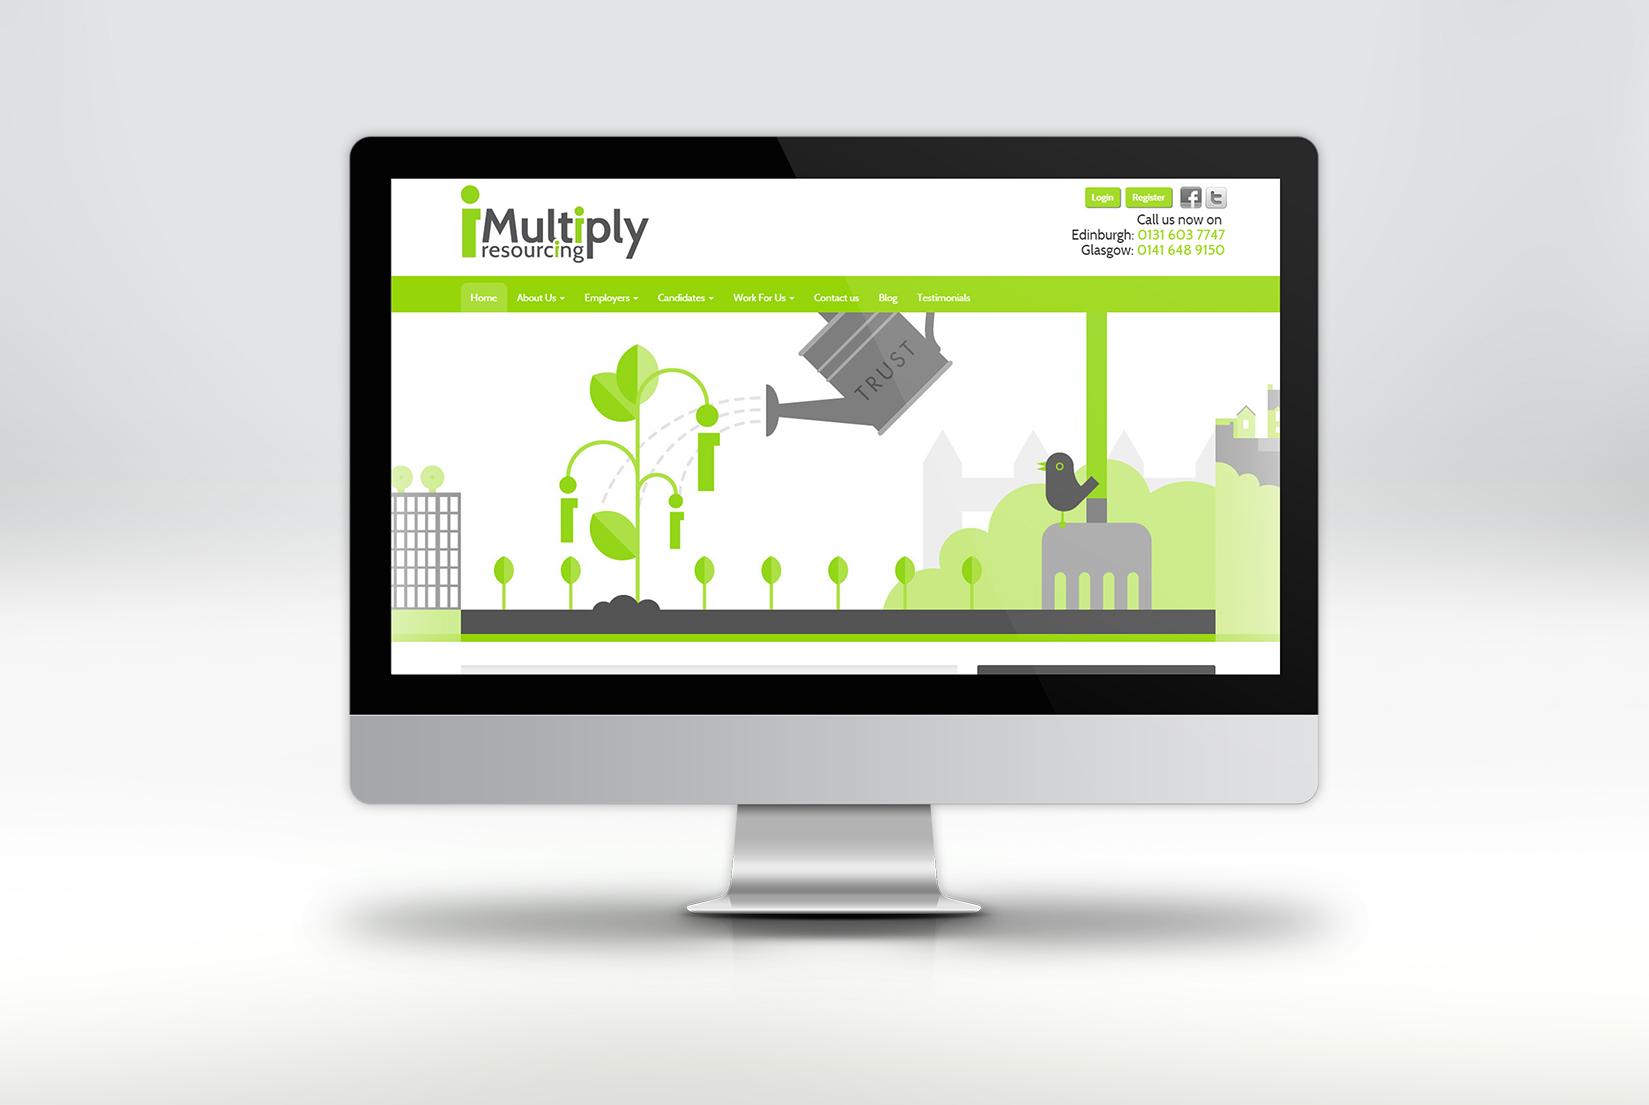 imultiply-illustrations-design6.jpg